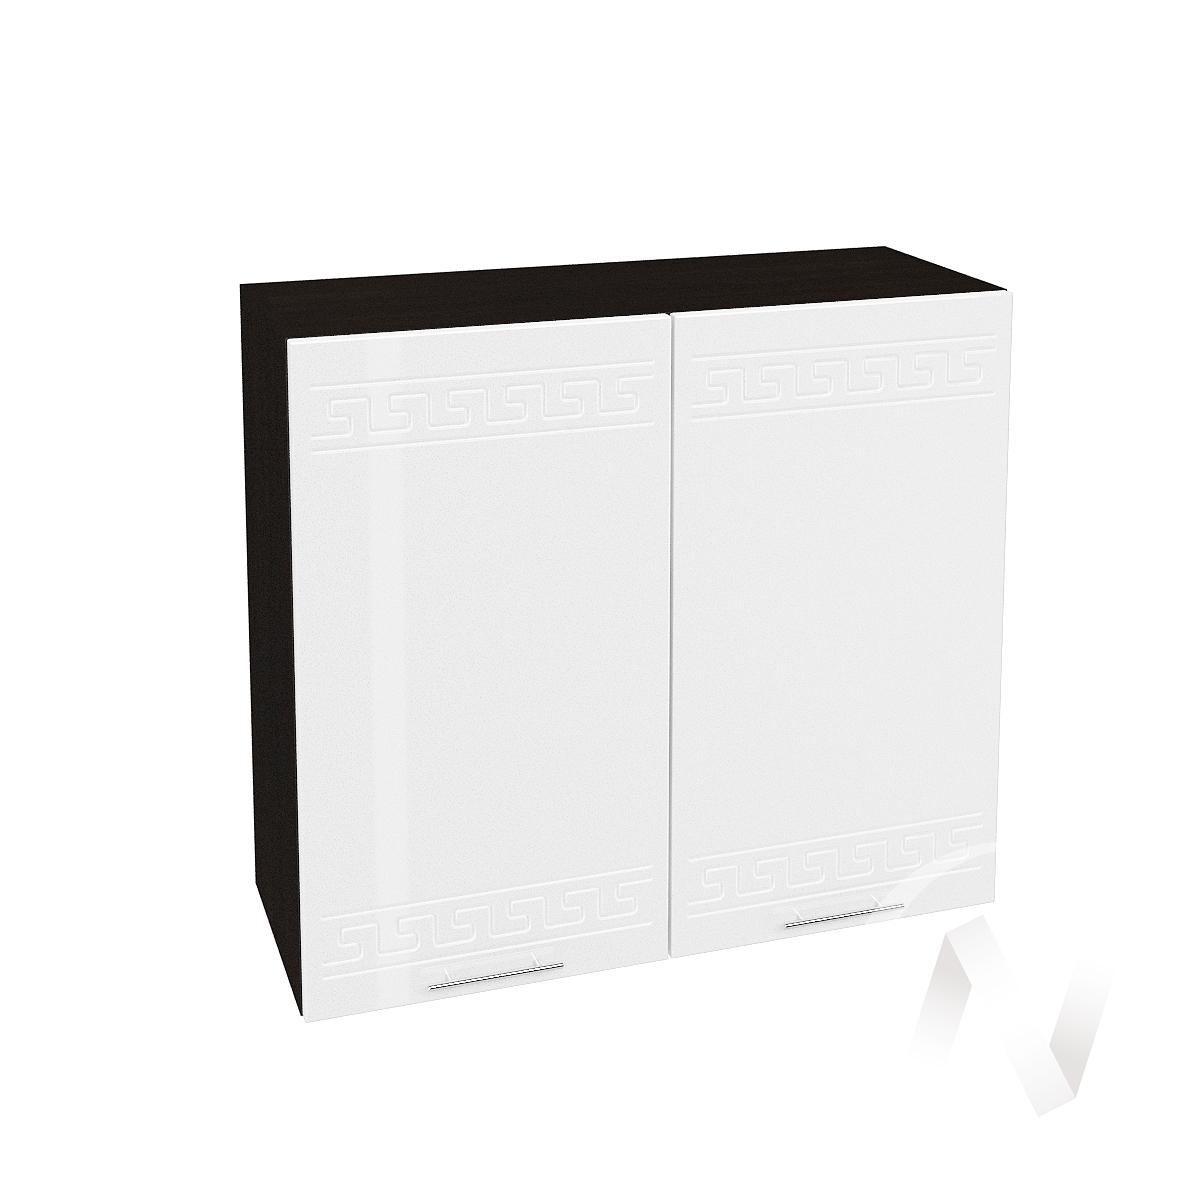 """Кухня """"Греция"""": Шкаф верхний 800, ШВ 800 (белый металлик/корпус венге)"""